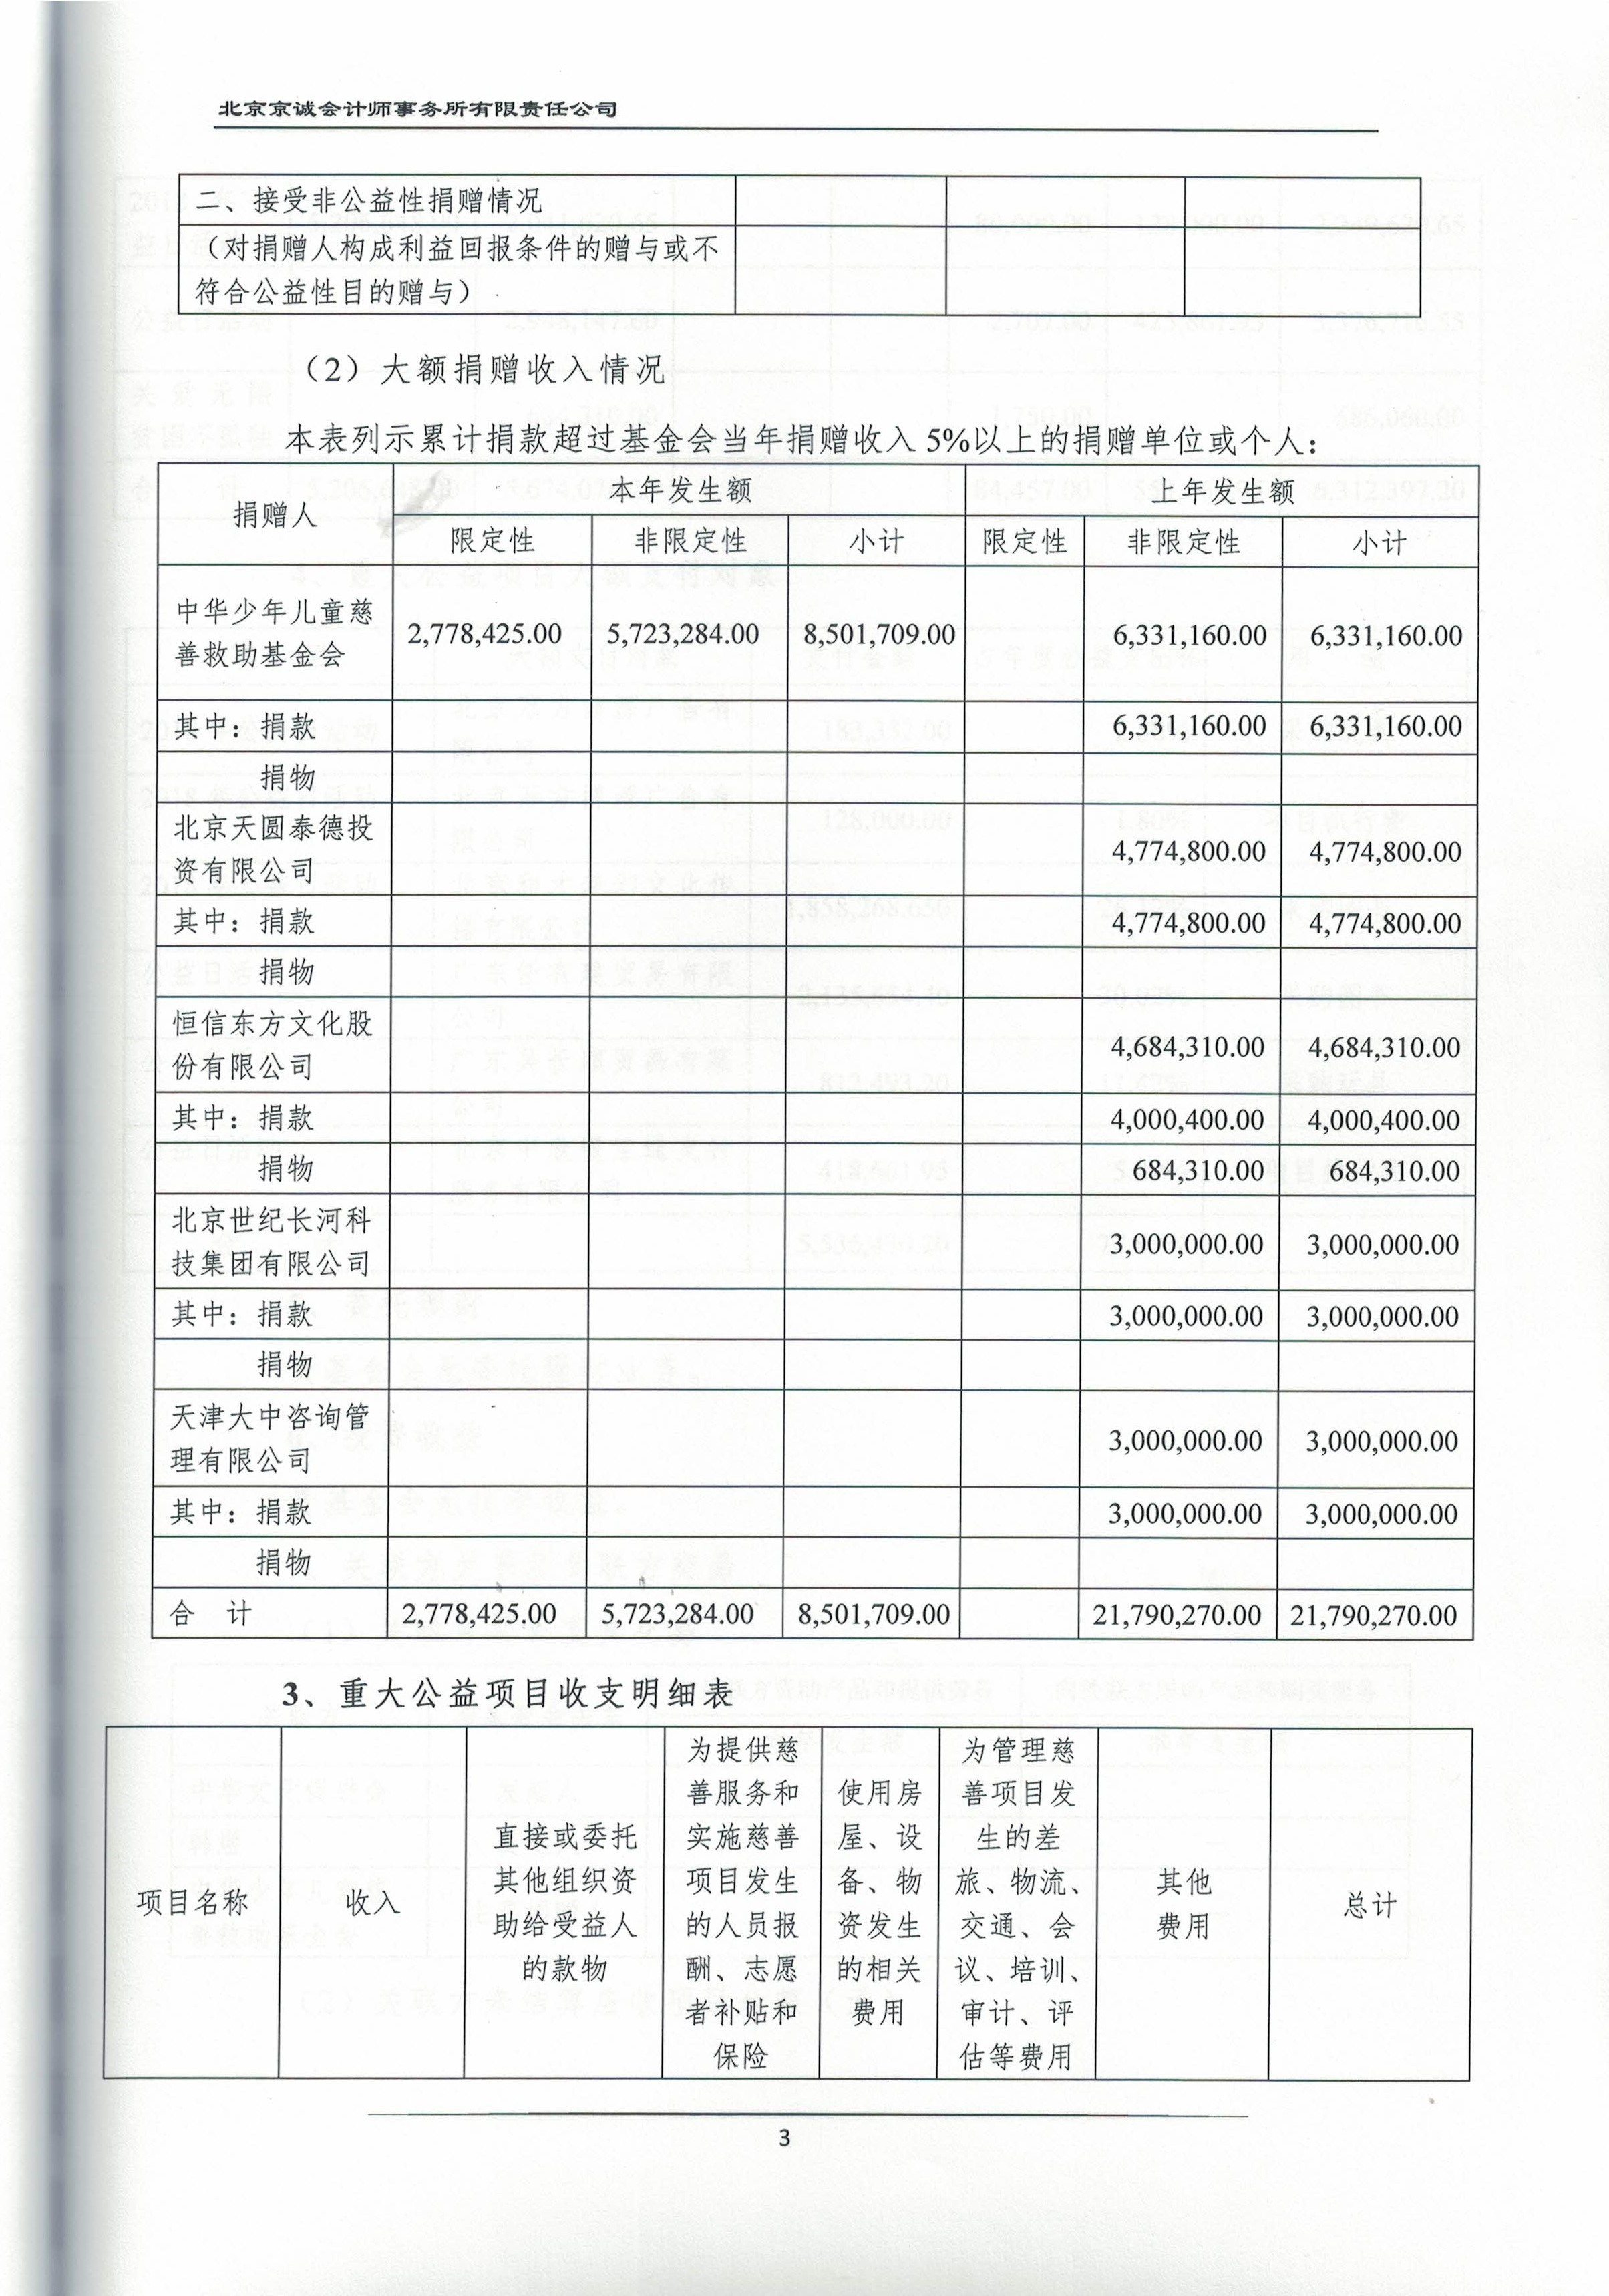 2018审计报告_页面_23